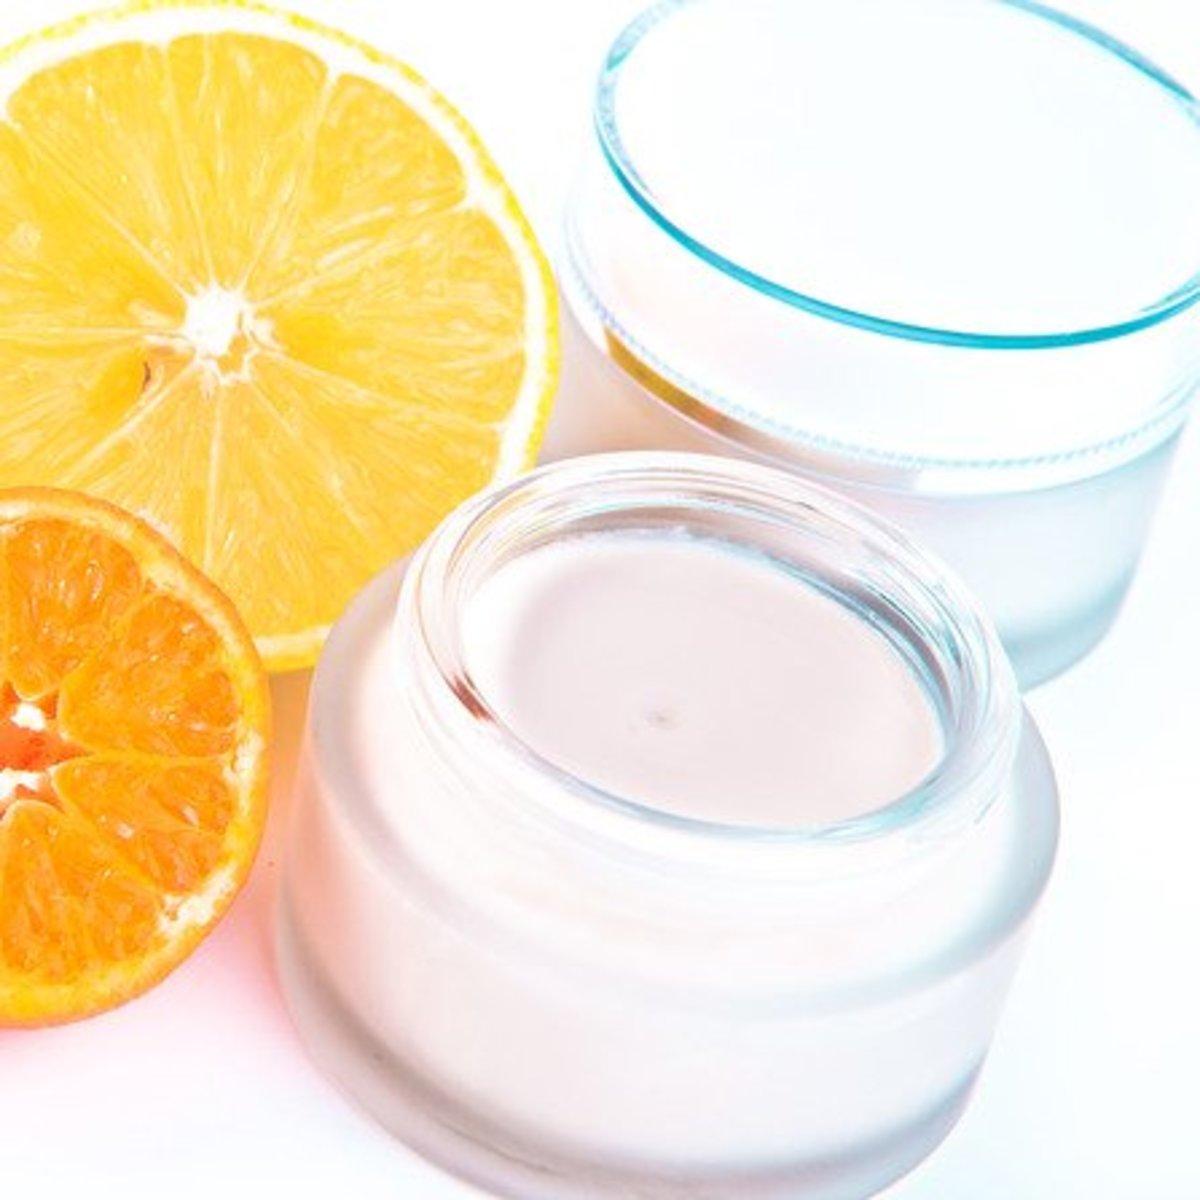 can-lemon-juice-really-lighten-skin